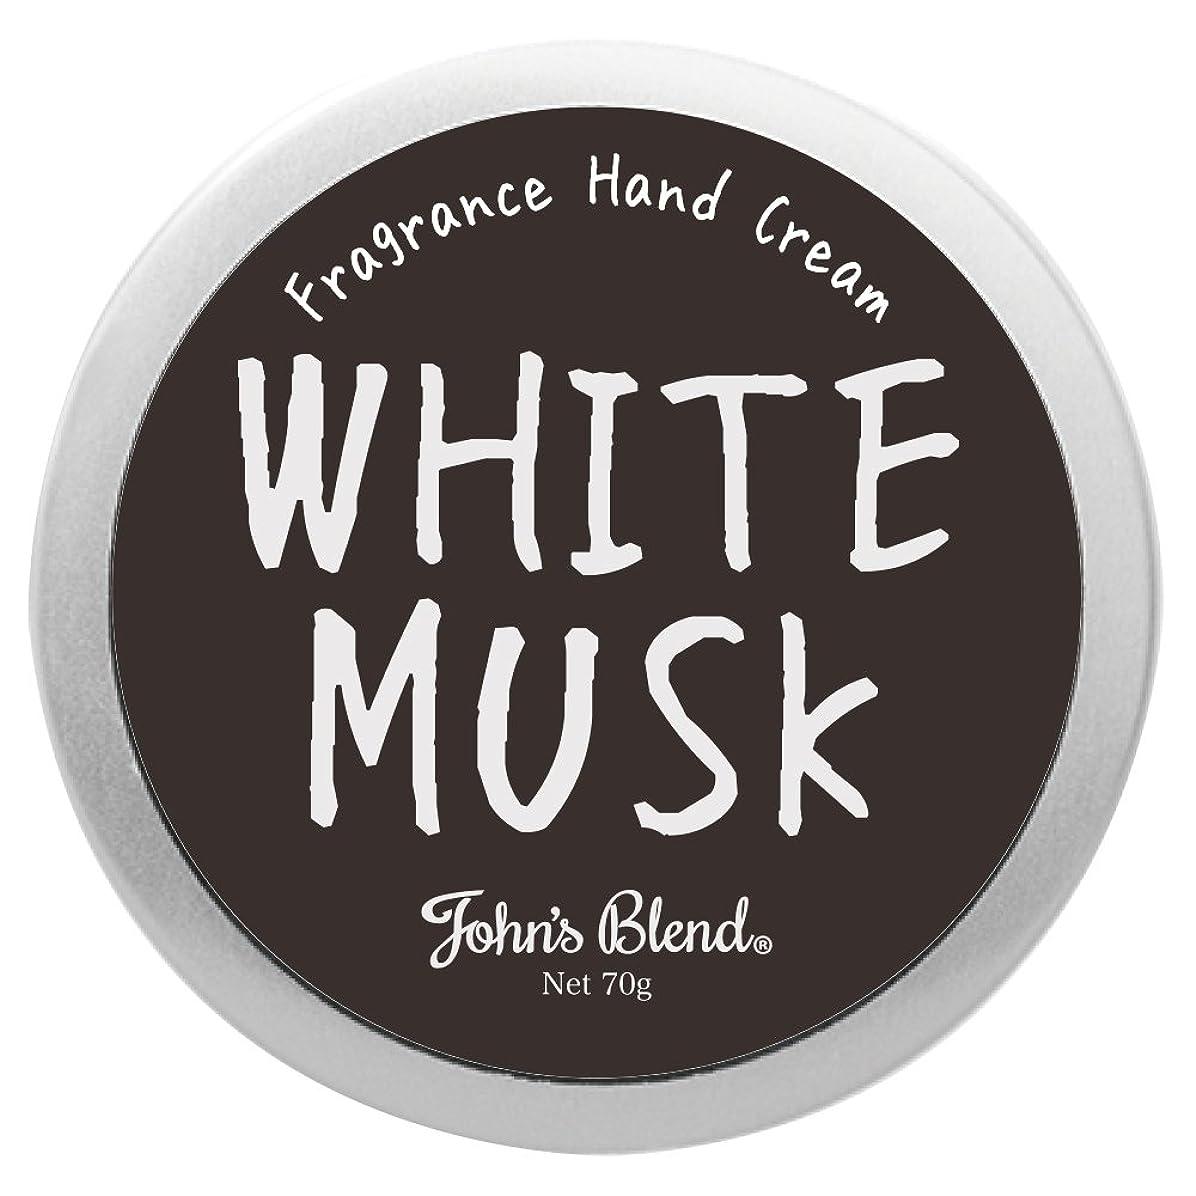 報いるシェルター全国Johns Blend ハンドクリーム 70g ホワイトムスク の香り OZ-JOD-1-1